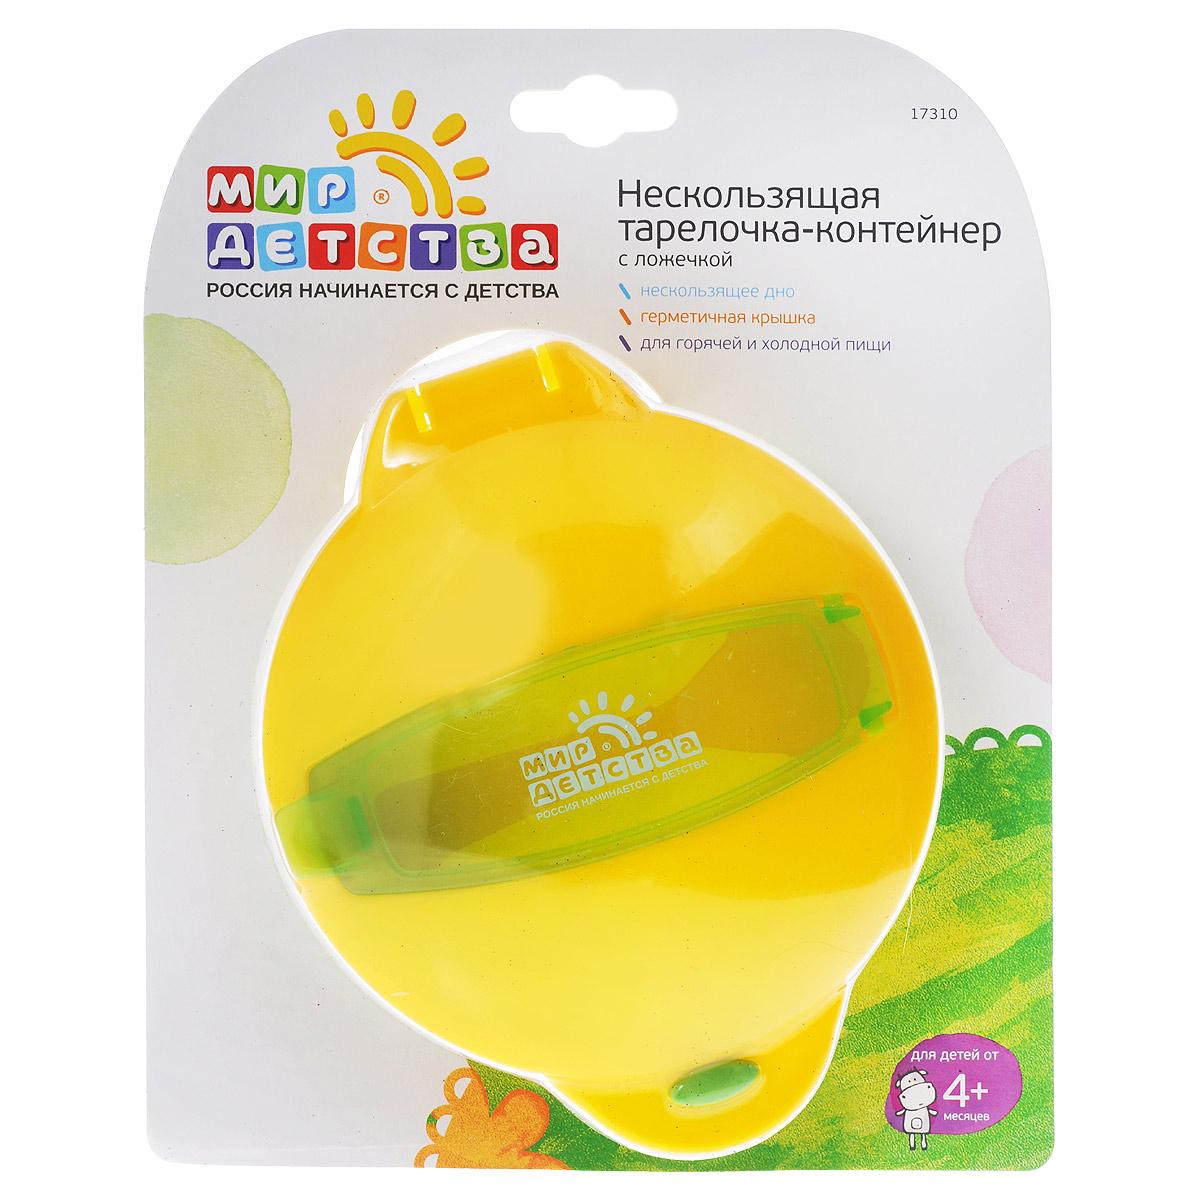 Тарелочка-контейнер с ложечкой Мир детства, от 4 месяцев, цвет: желтый, салатовый17310/желто-зеленыйТарелочка-контейнер Мир детства, выполненная из полипропилена и терморезины, предназначена для кормления малыша. Дно со специальным покрытием предотвращает скольжение тарелочки по столу и придает ей дополнительную устойчивость. Тарелочка подходит для горячей и холодной пищи. Герметичная крышка помогает сохранить вкус и свежесть продуктов. Тарелочка имеет встроенной контейнер для хранения ложечки (входит в комплект). Можно мыть в посудомоечной машине. Не допускается использование в микроволновой печи.